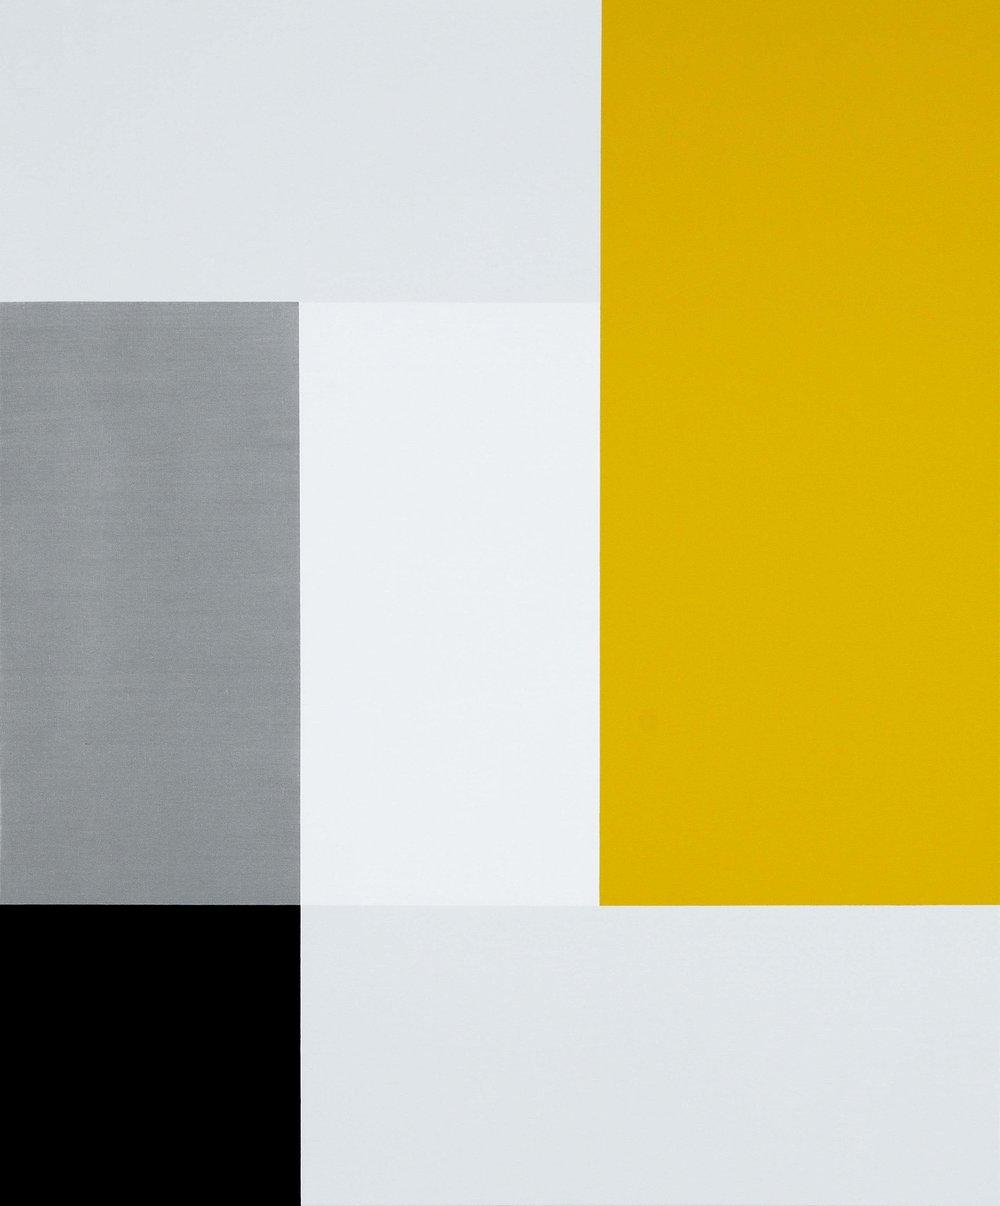 Rodrigo de Castro, pintura, 2017, óleo sobre tela, 120 x 100 cm